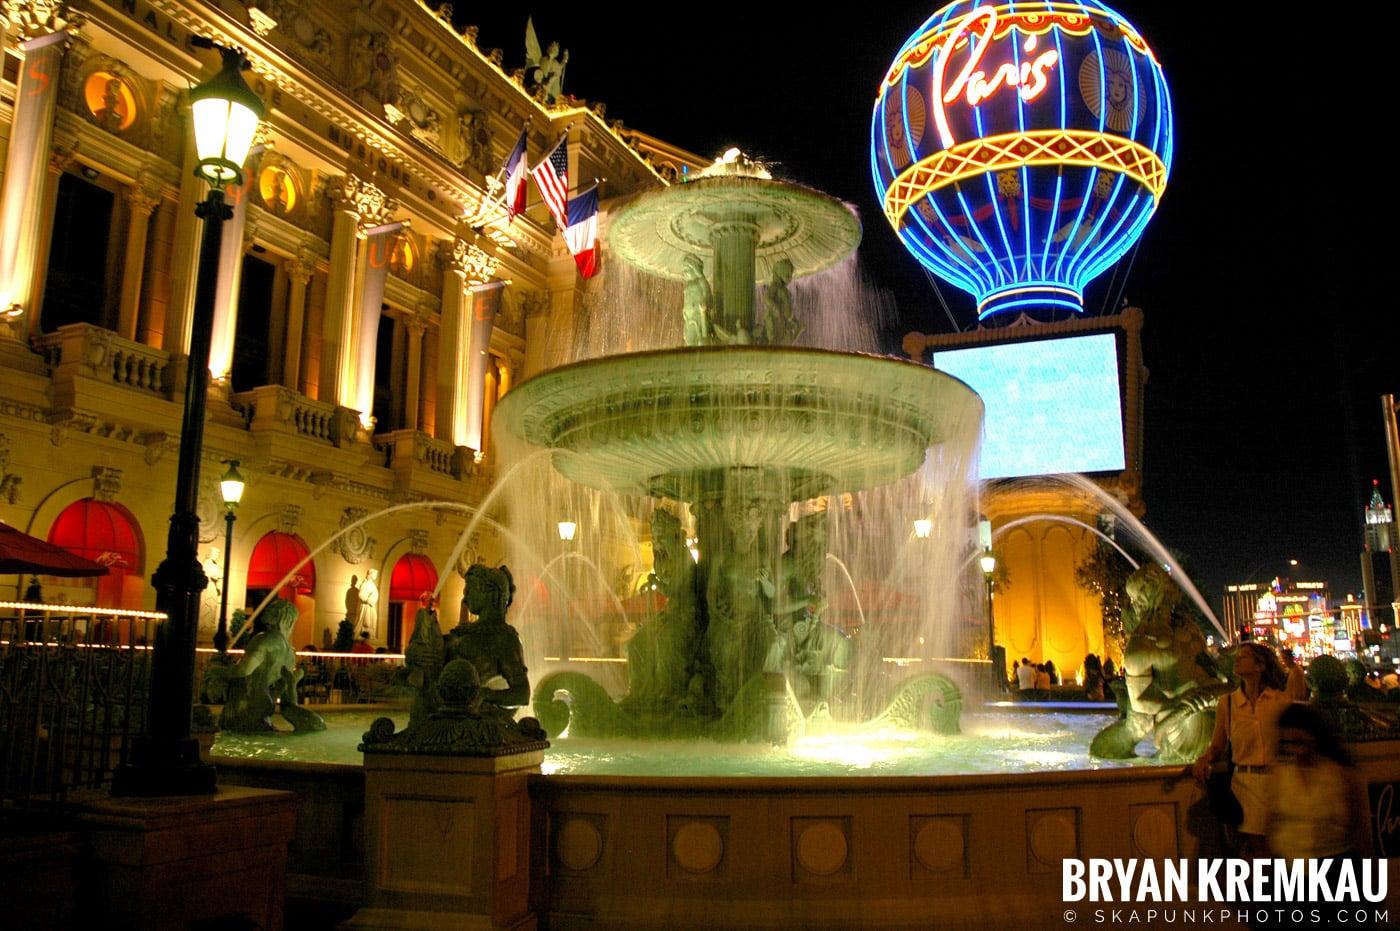 Las Vegas Vacation @ Las Vegas, NV - 10.21.05 - 10.23.05 (24)